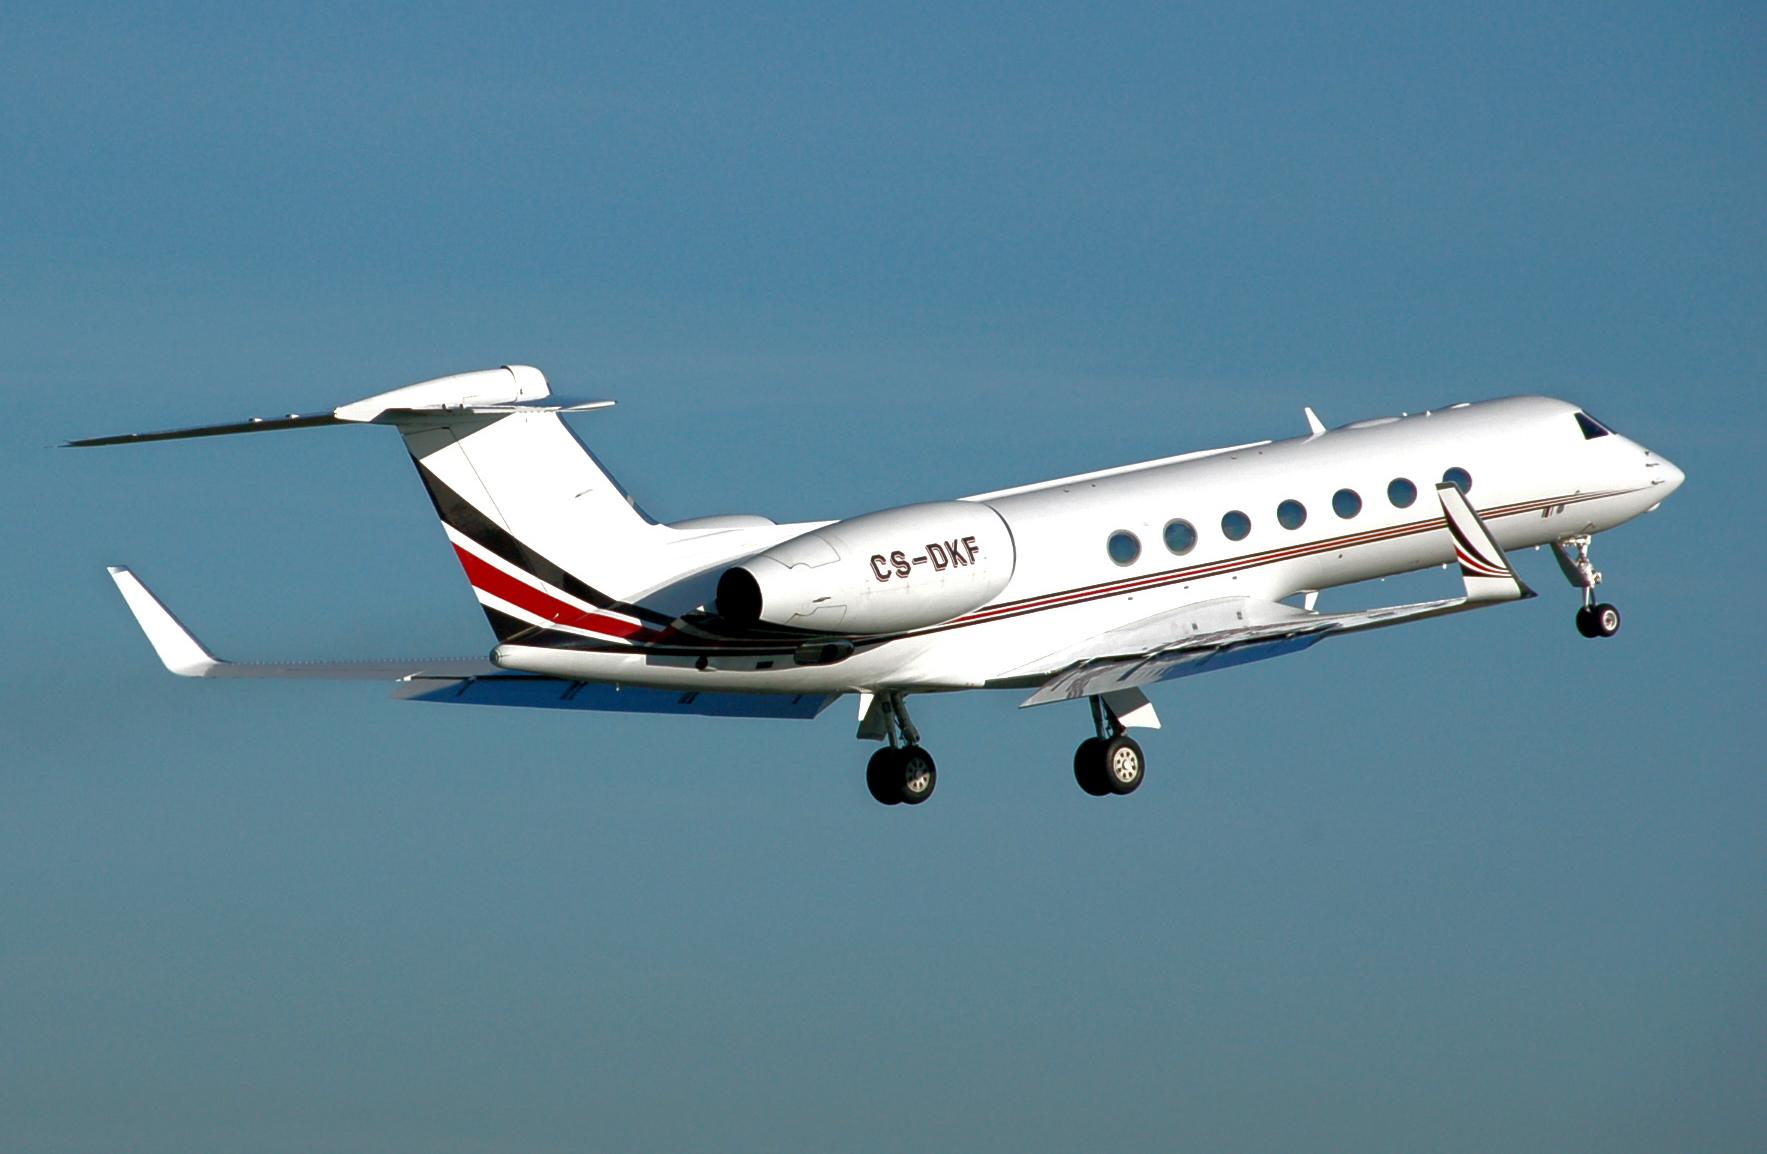 Image:Gulfstream.g550.cs-dkf.climb.arp